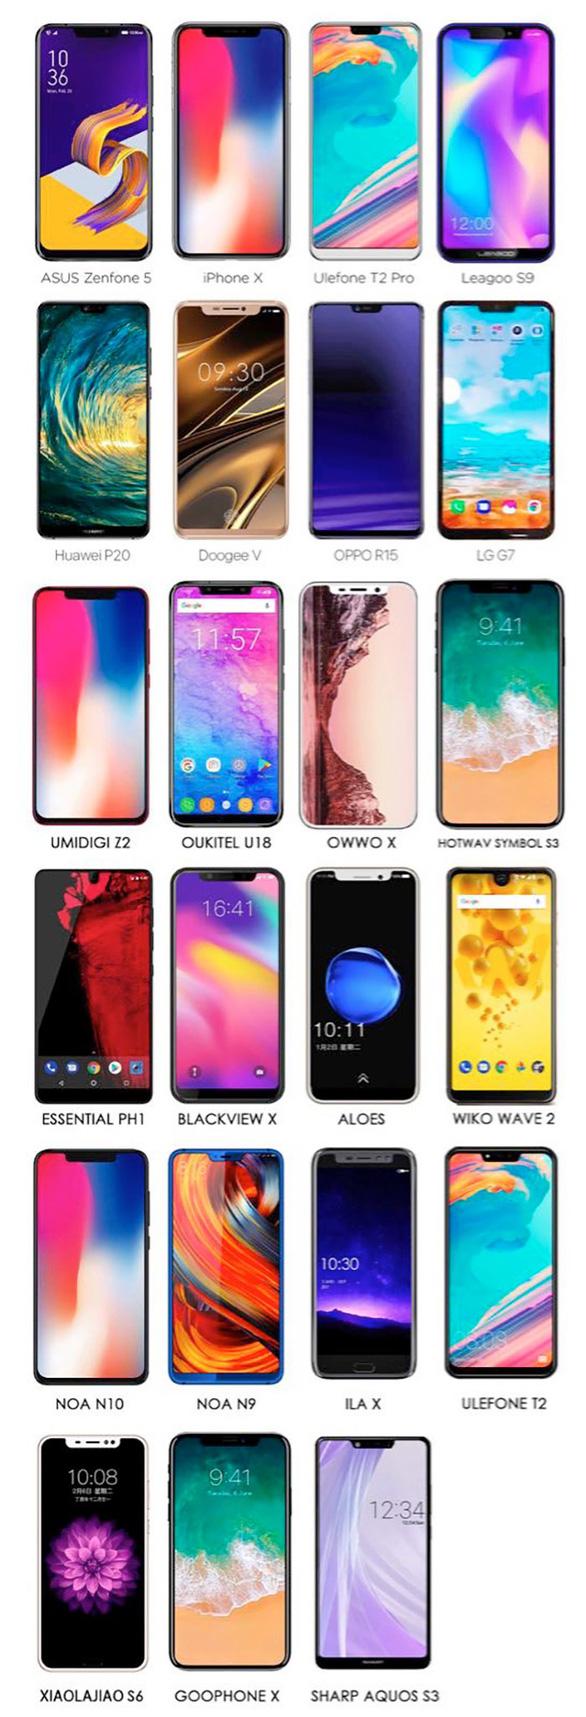 Samsung đăng ký bản quyền màn hình tai thỏ trên điện thoại  - Ảnh 4.